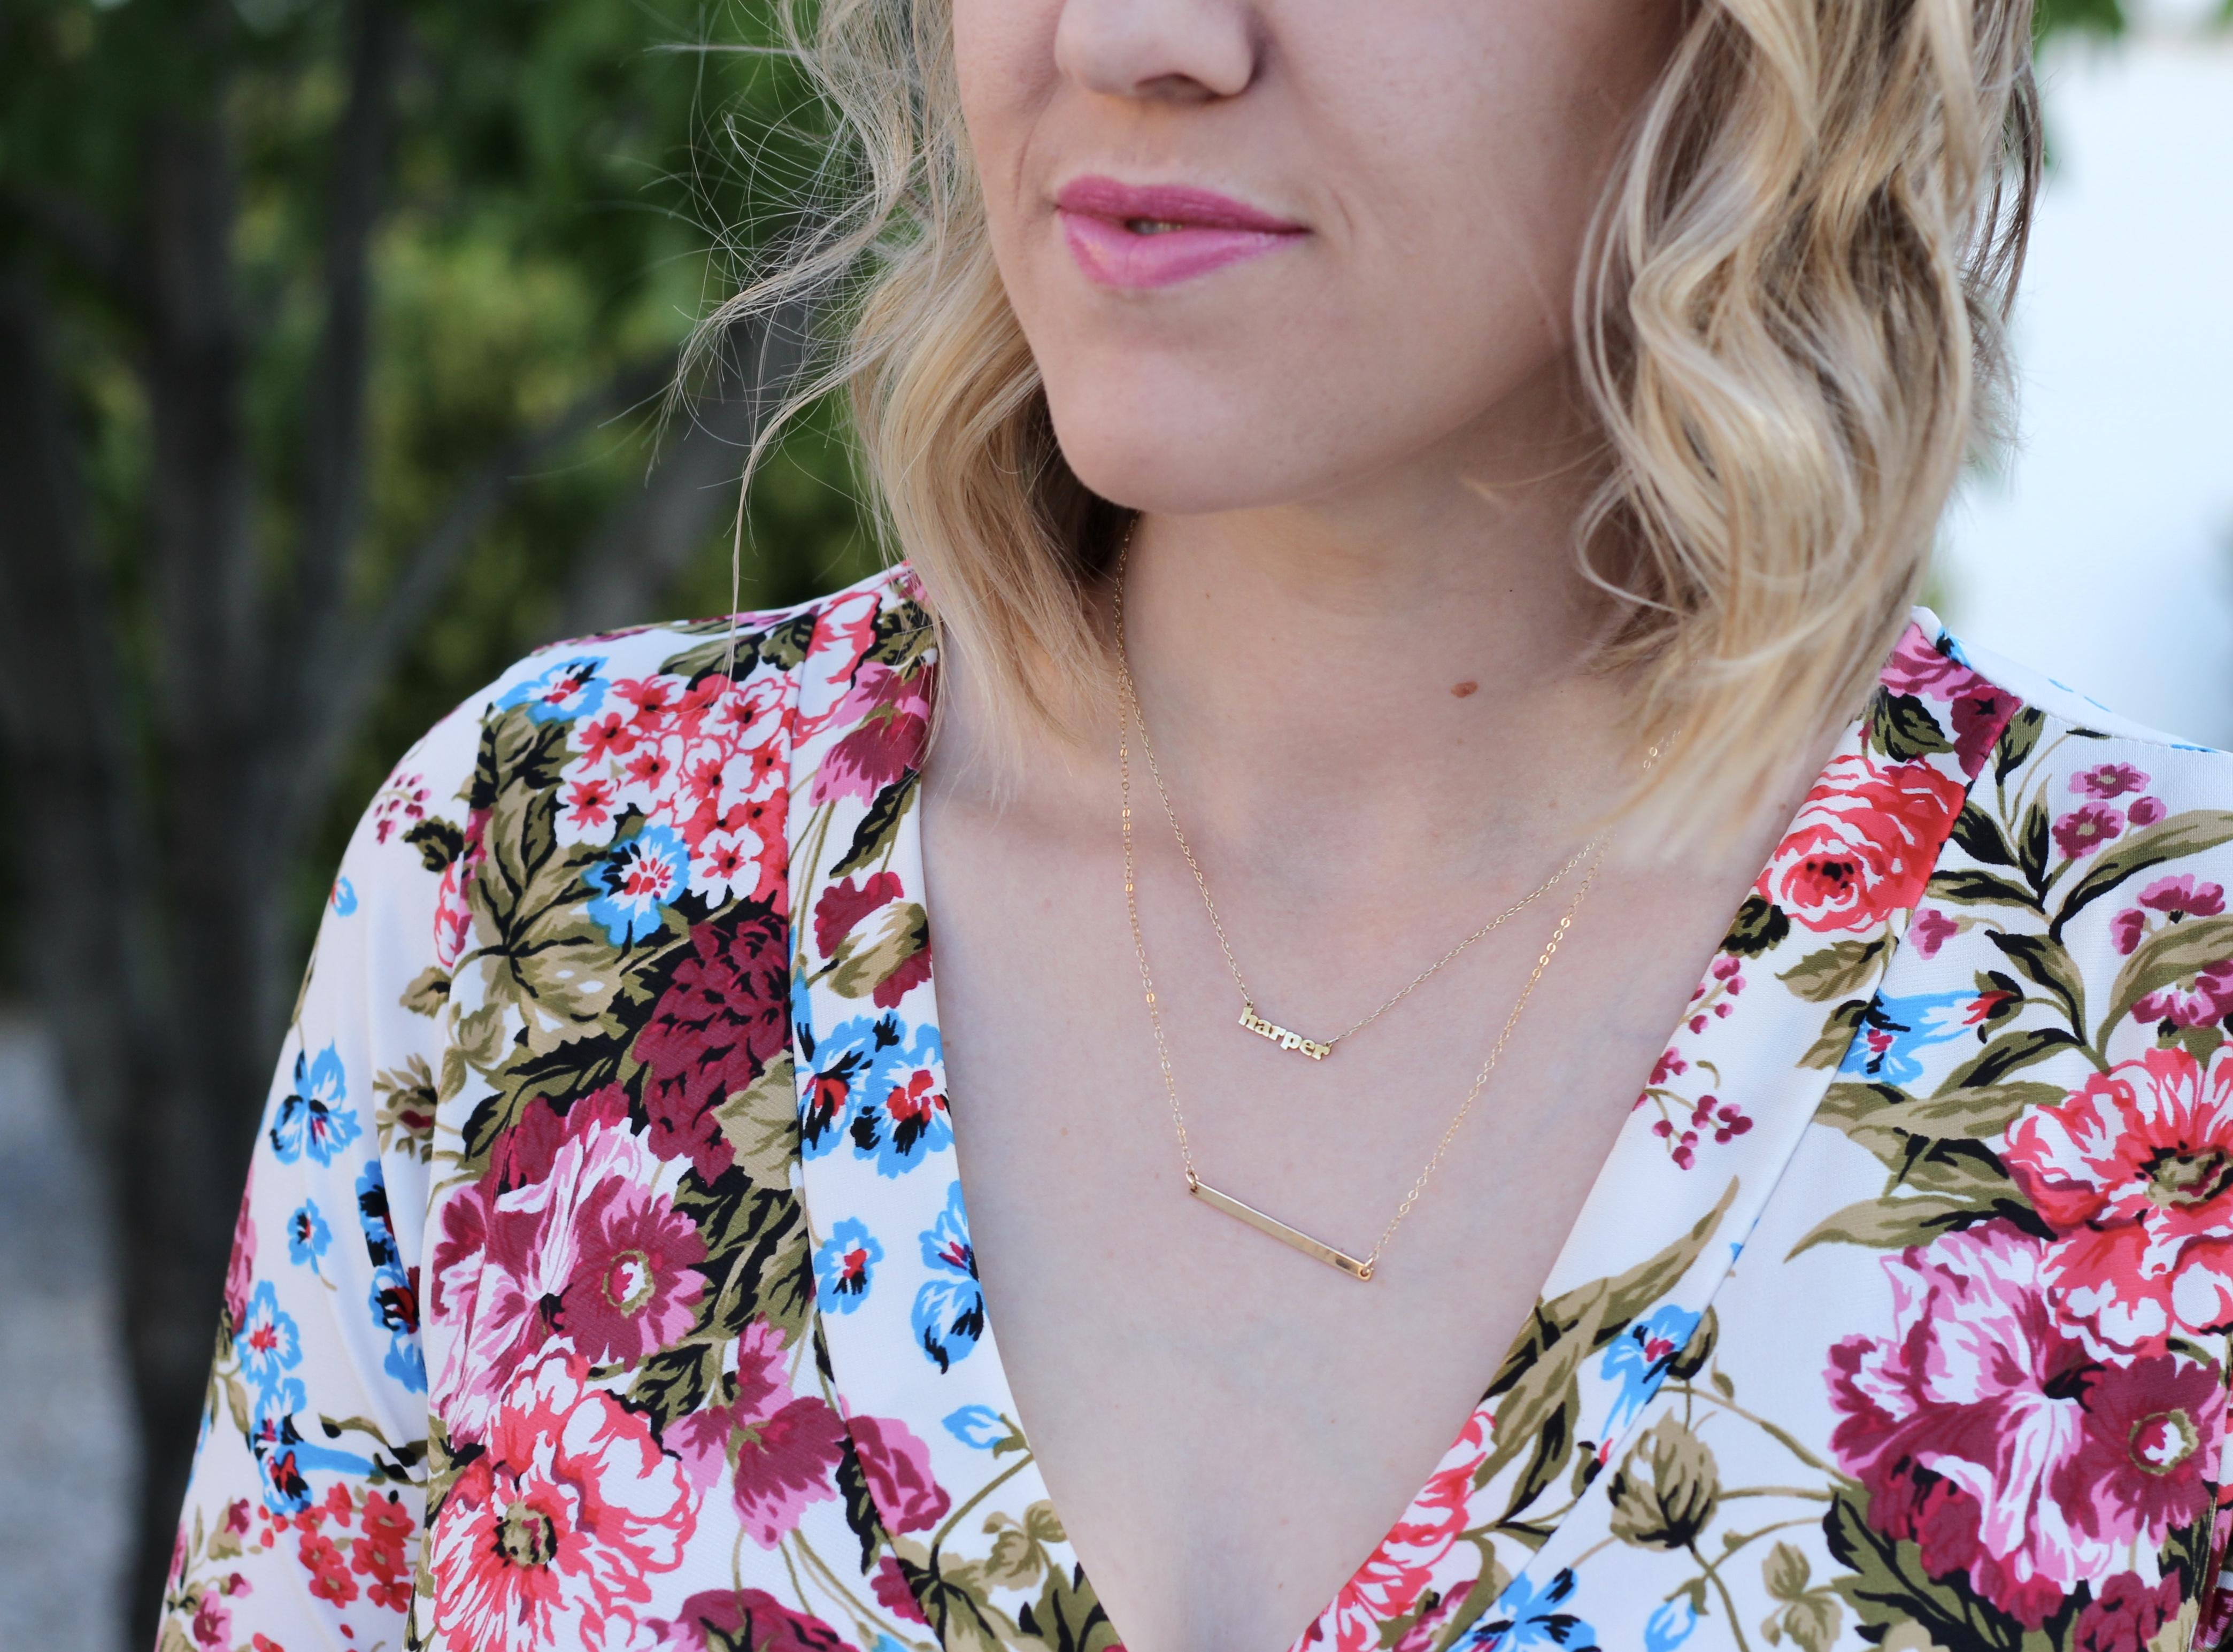 personalized dainty jewelry, floral wrap maxi dress